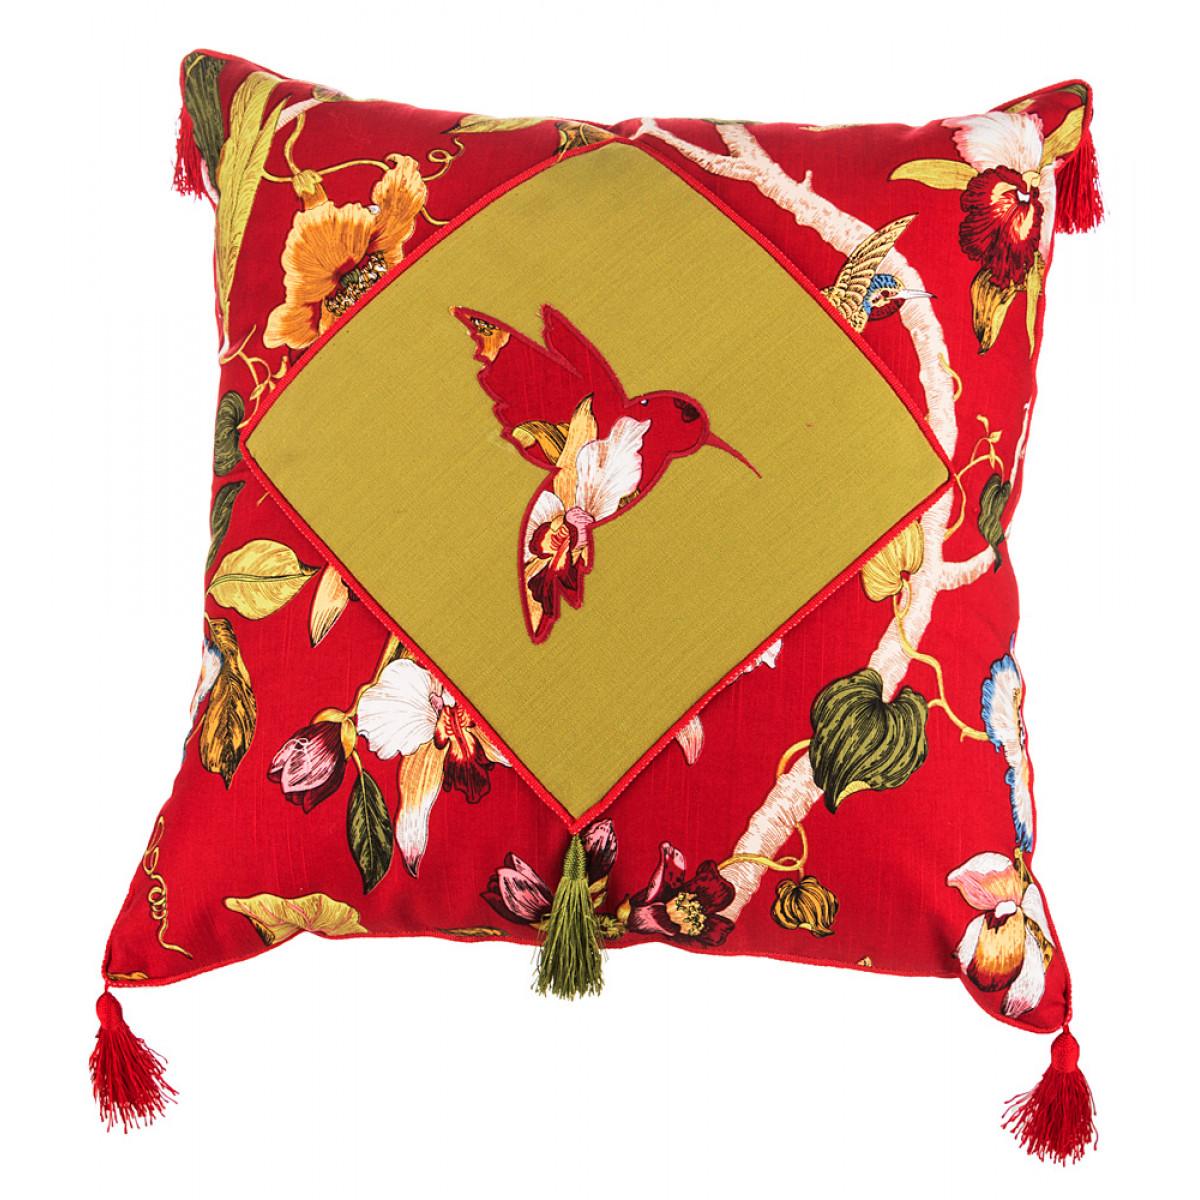 Декоративные подушки Santalino Декоративная подушка Парадиз (45х45) декоративные подушки santalino декоративная подушка гуси 45х45